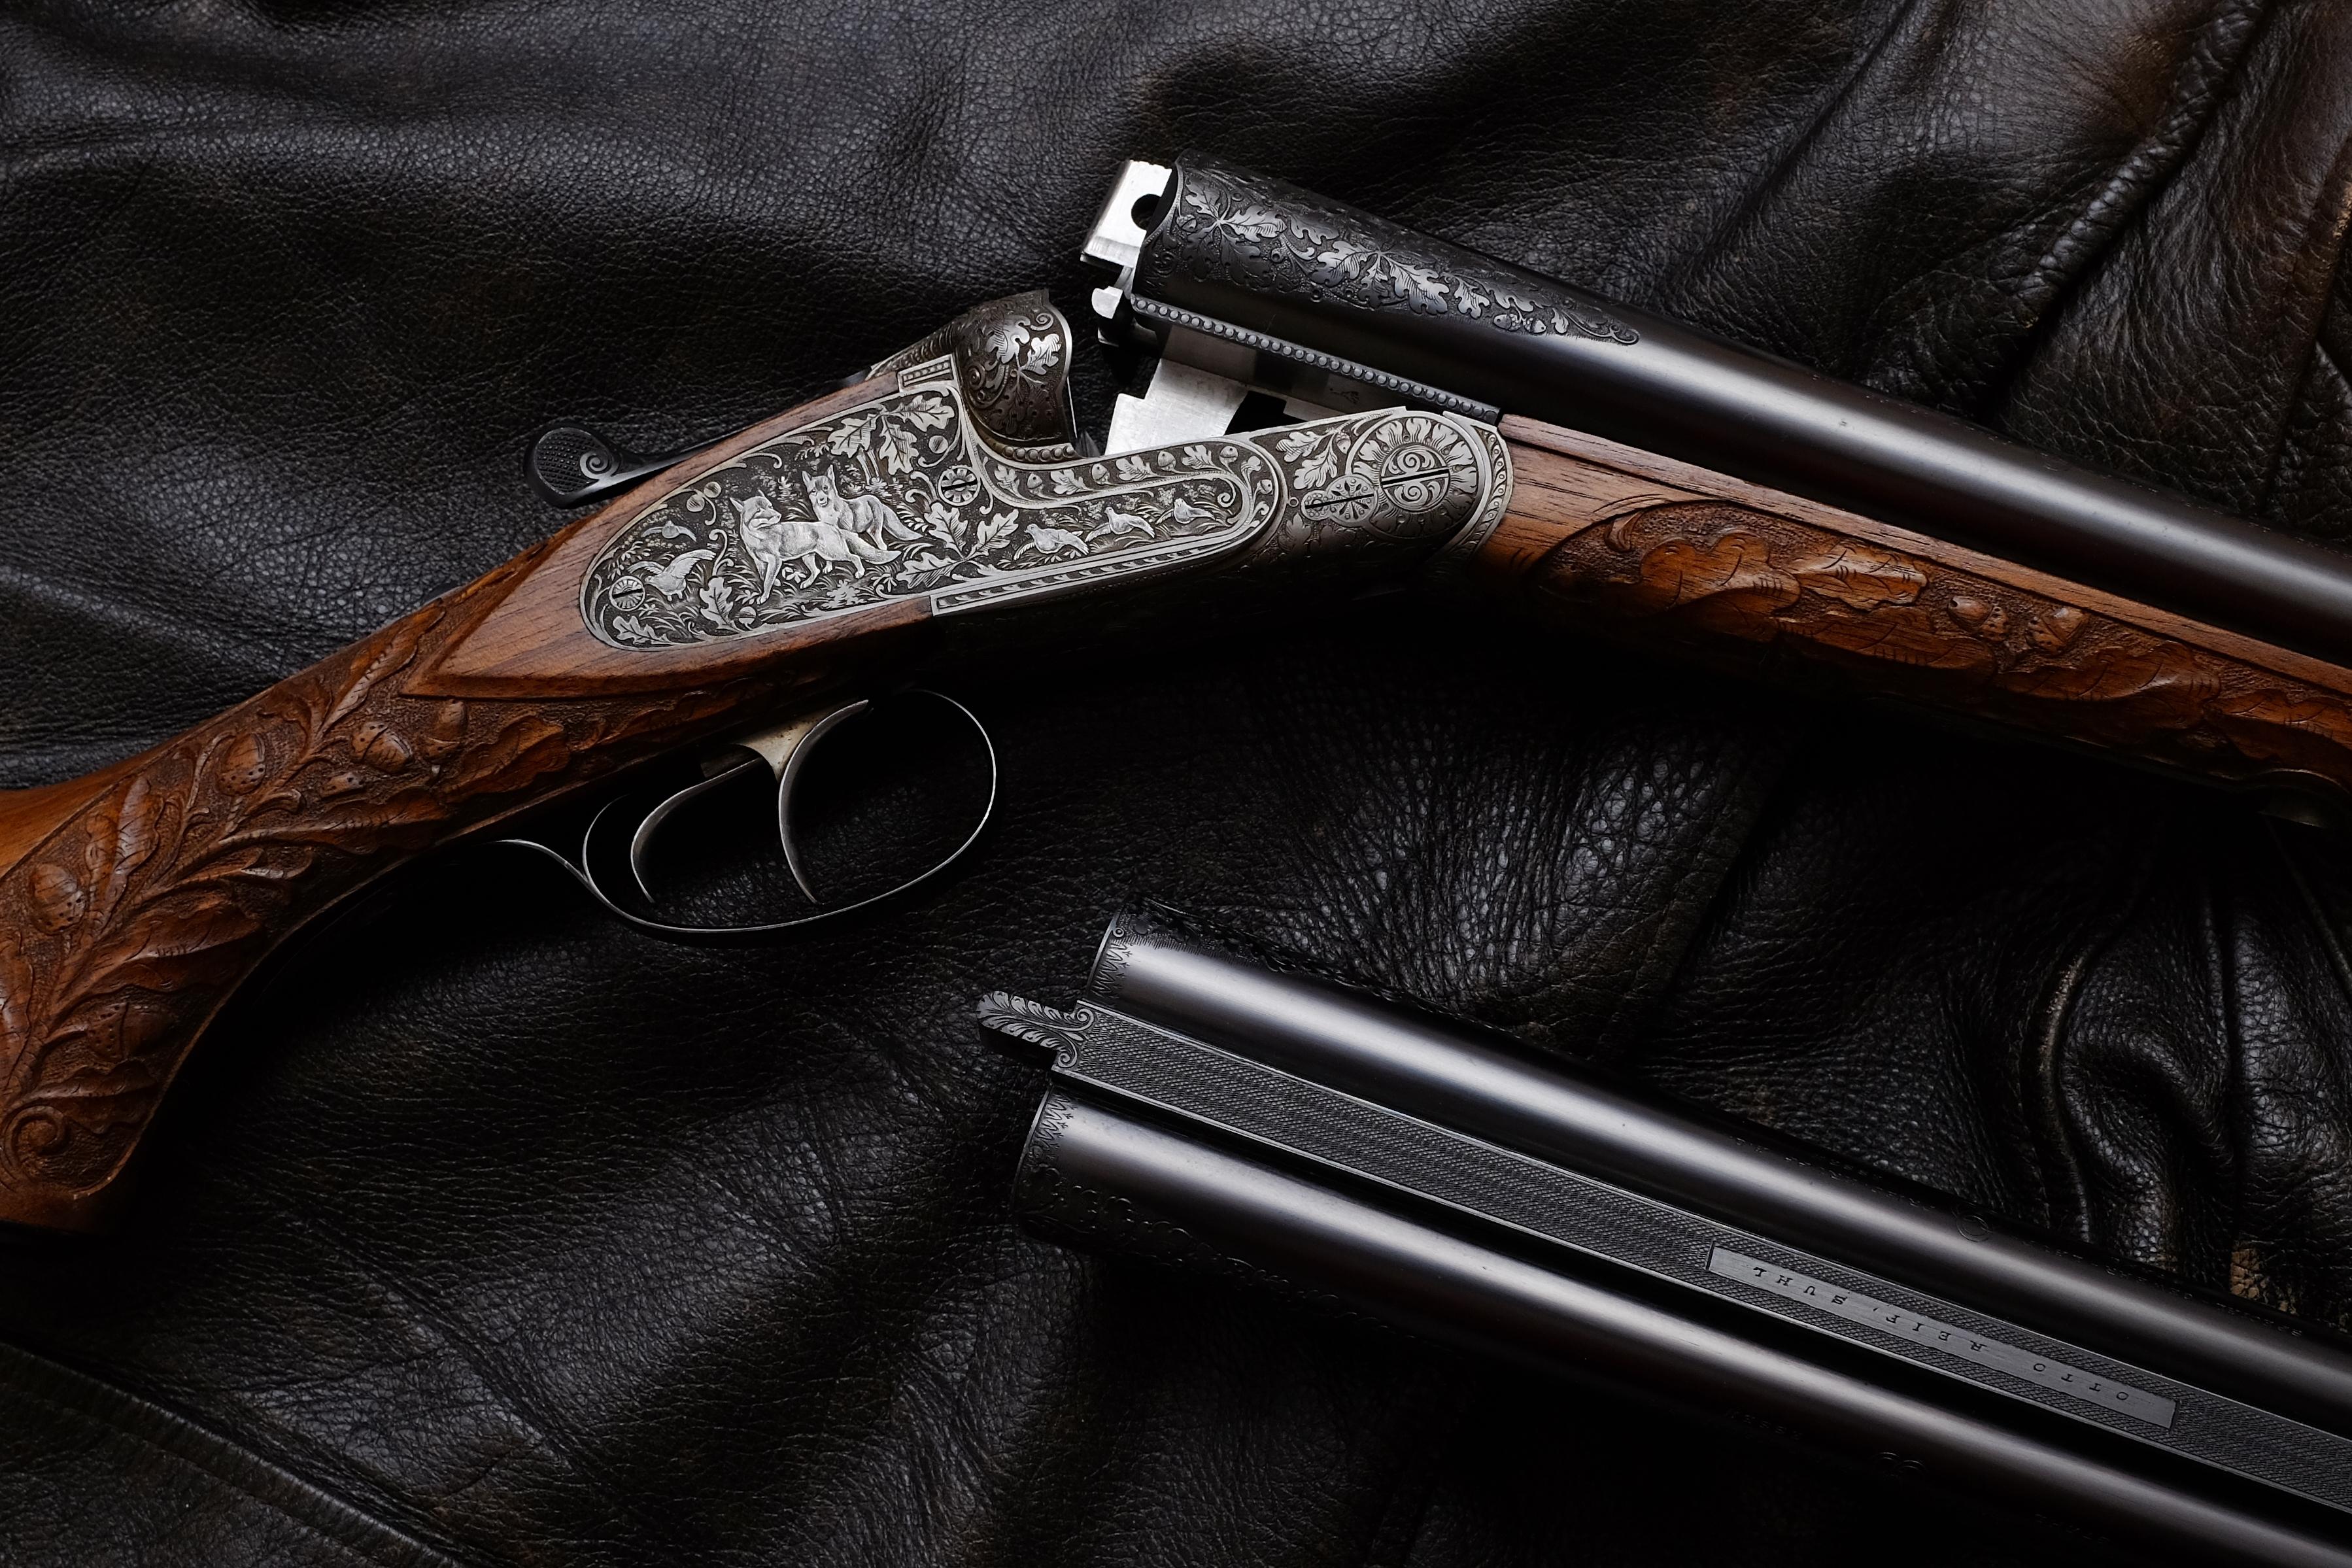 суммируется все охотничьи ружья в картинках том, что